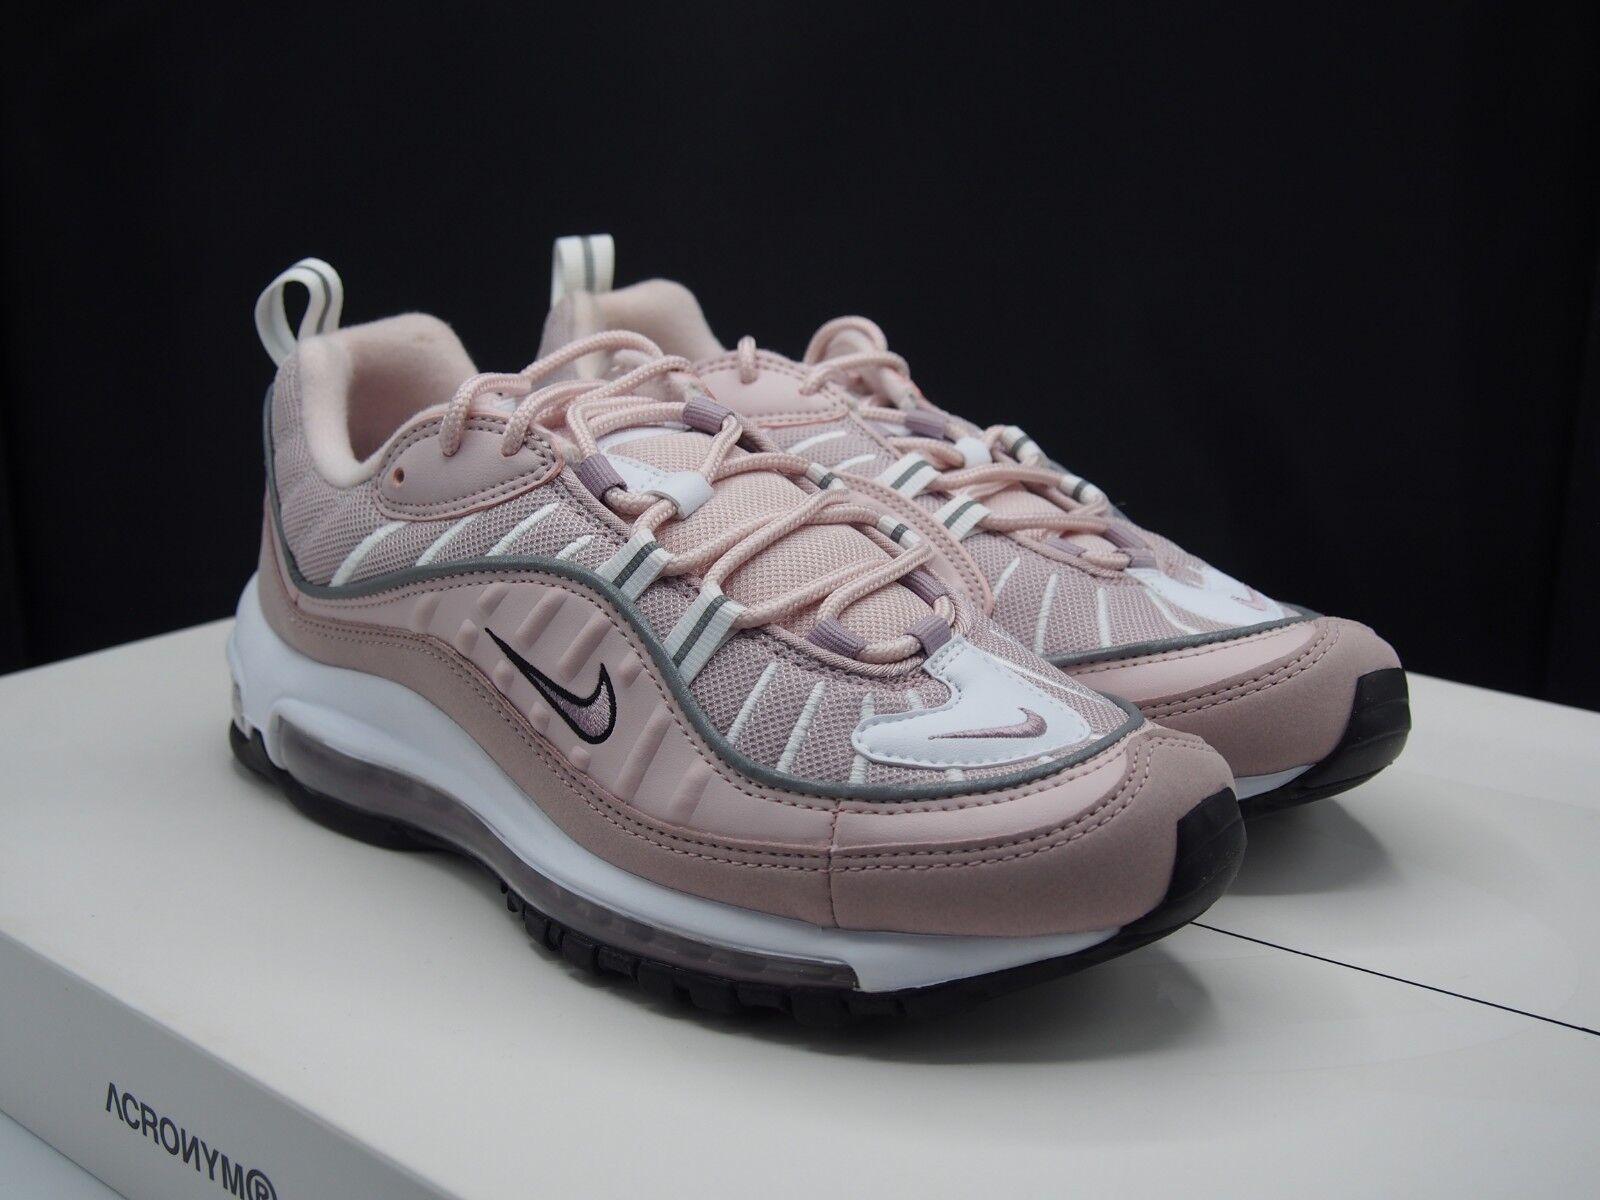 Women's Nike Air Max '98 Barely Rose AH6799-600